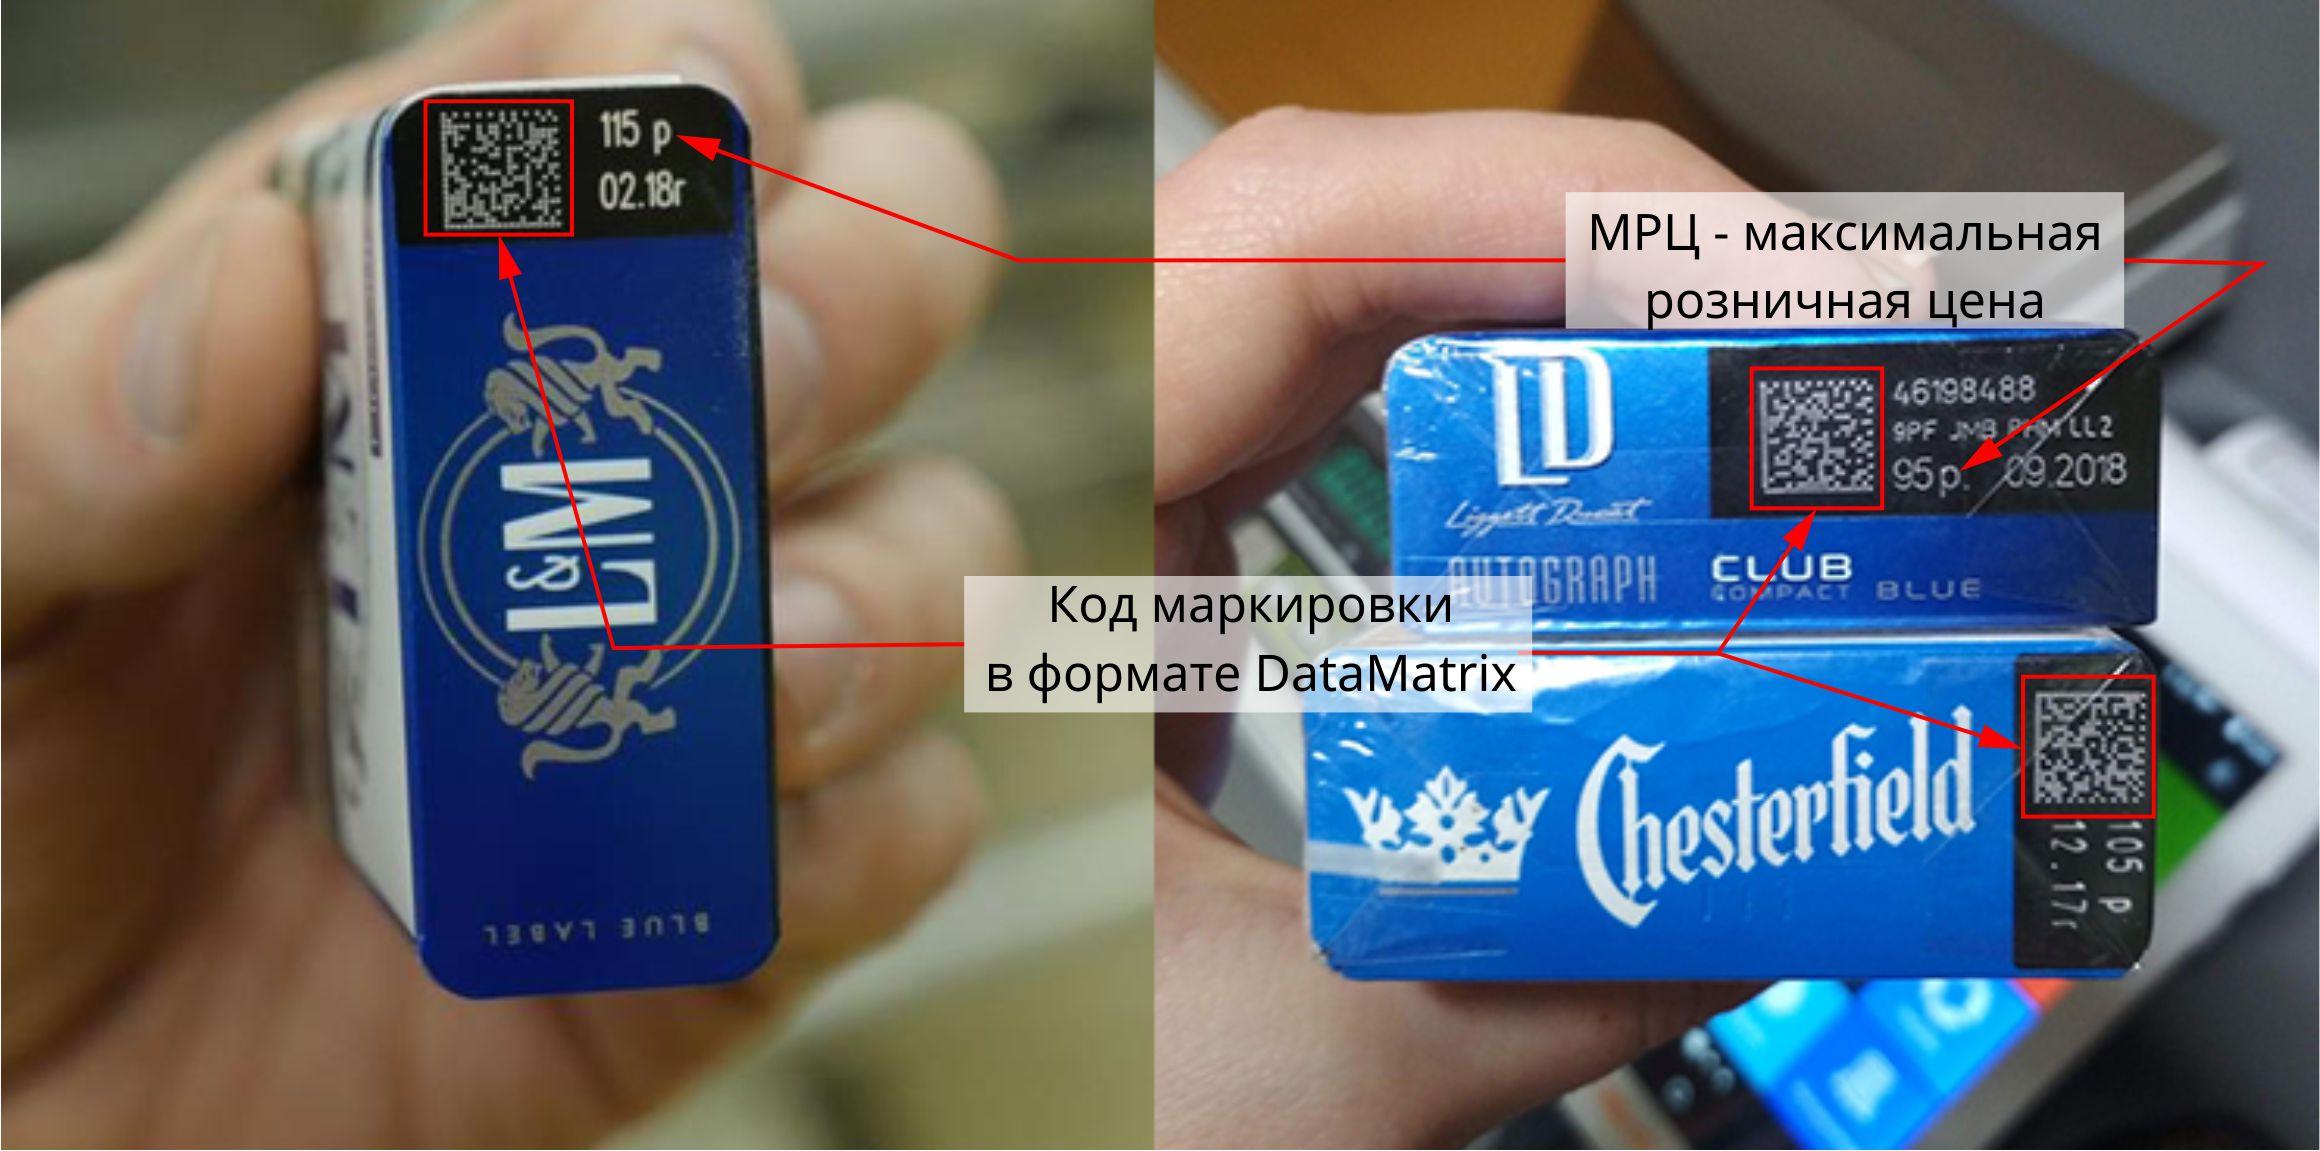 Сигареты с кодом маркировки